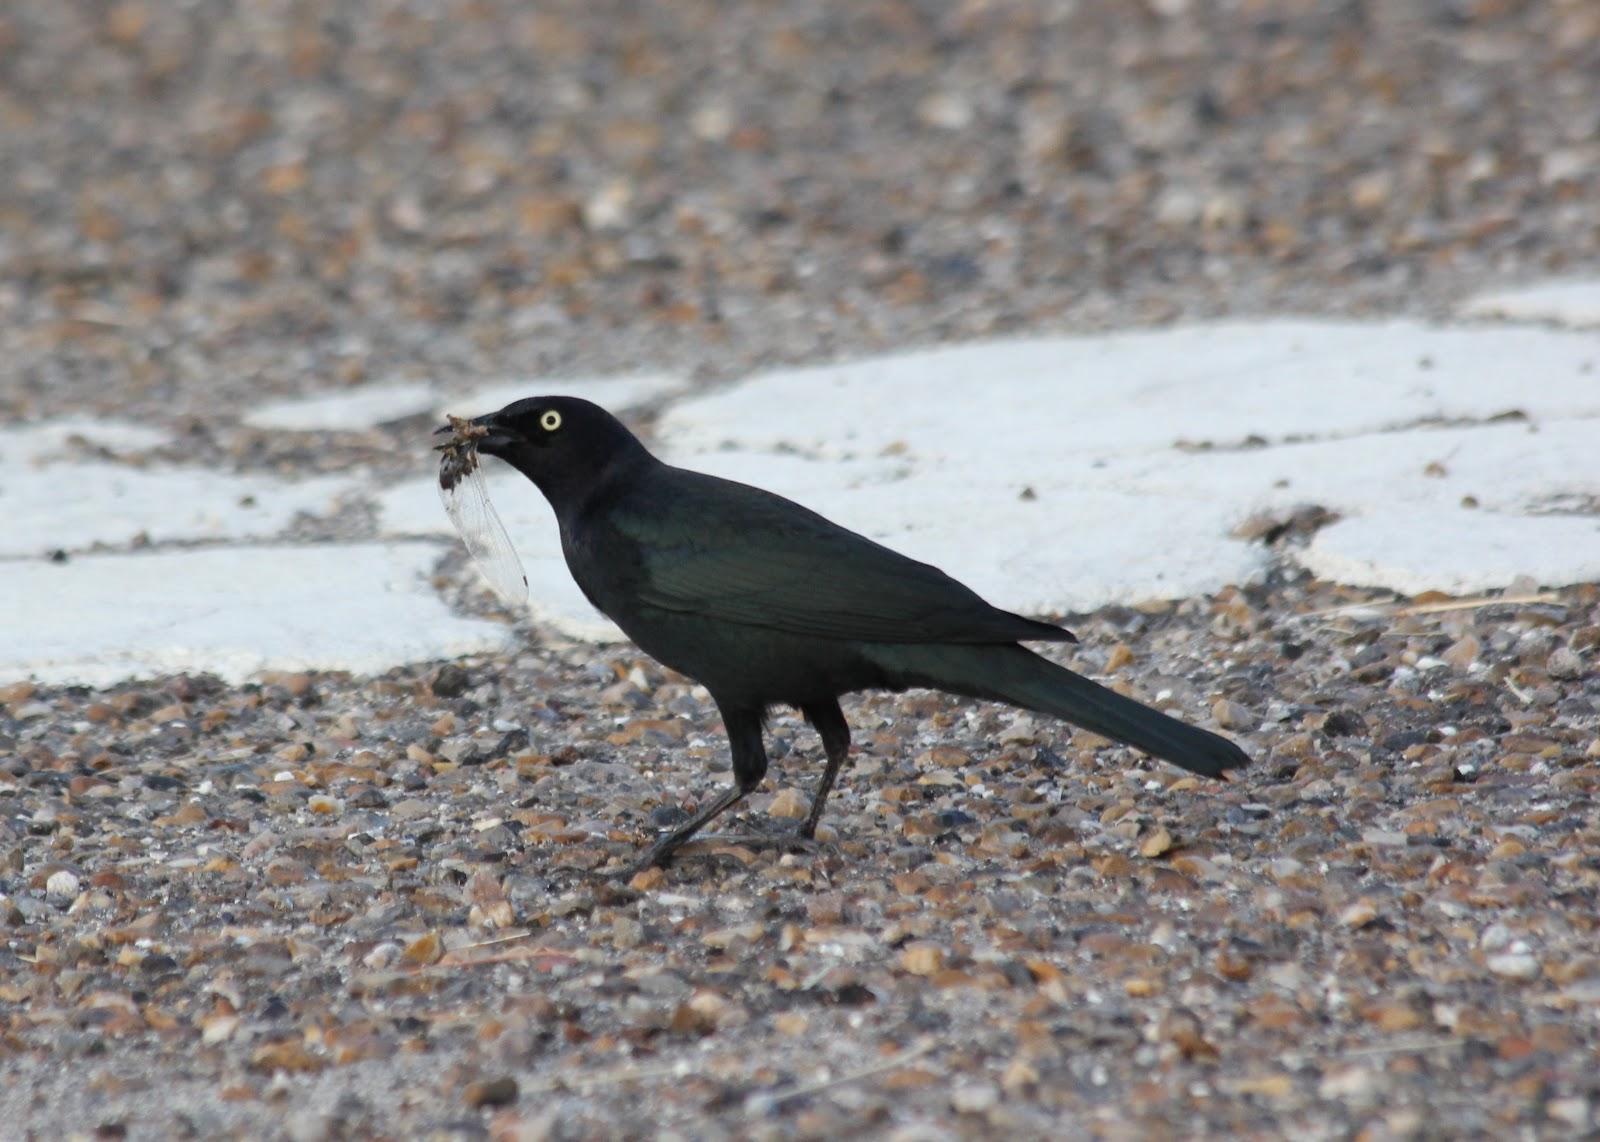 PragerBirds: Today's Bird: Brewer's Blackbird